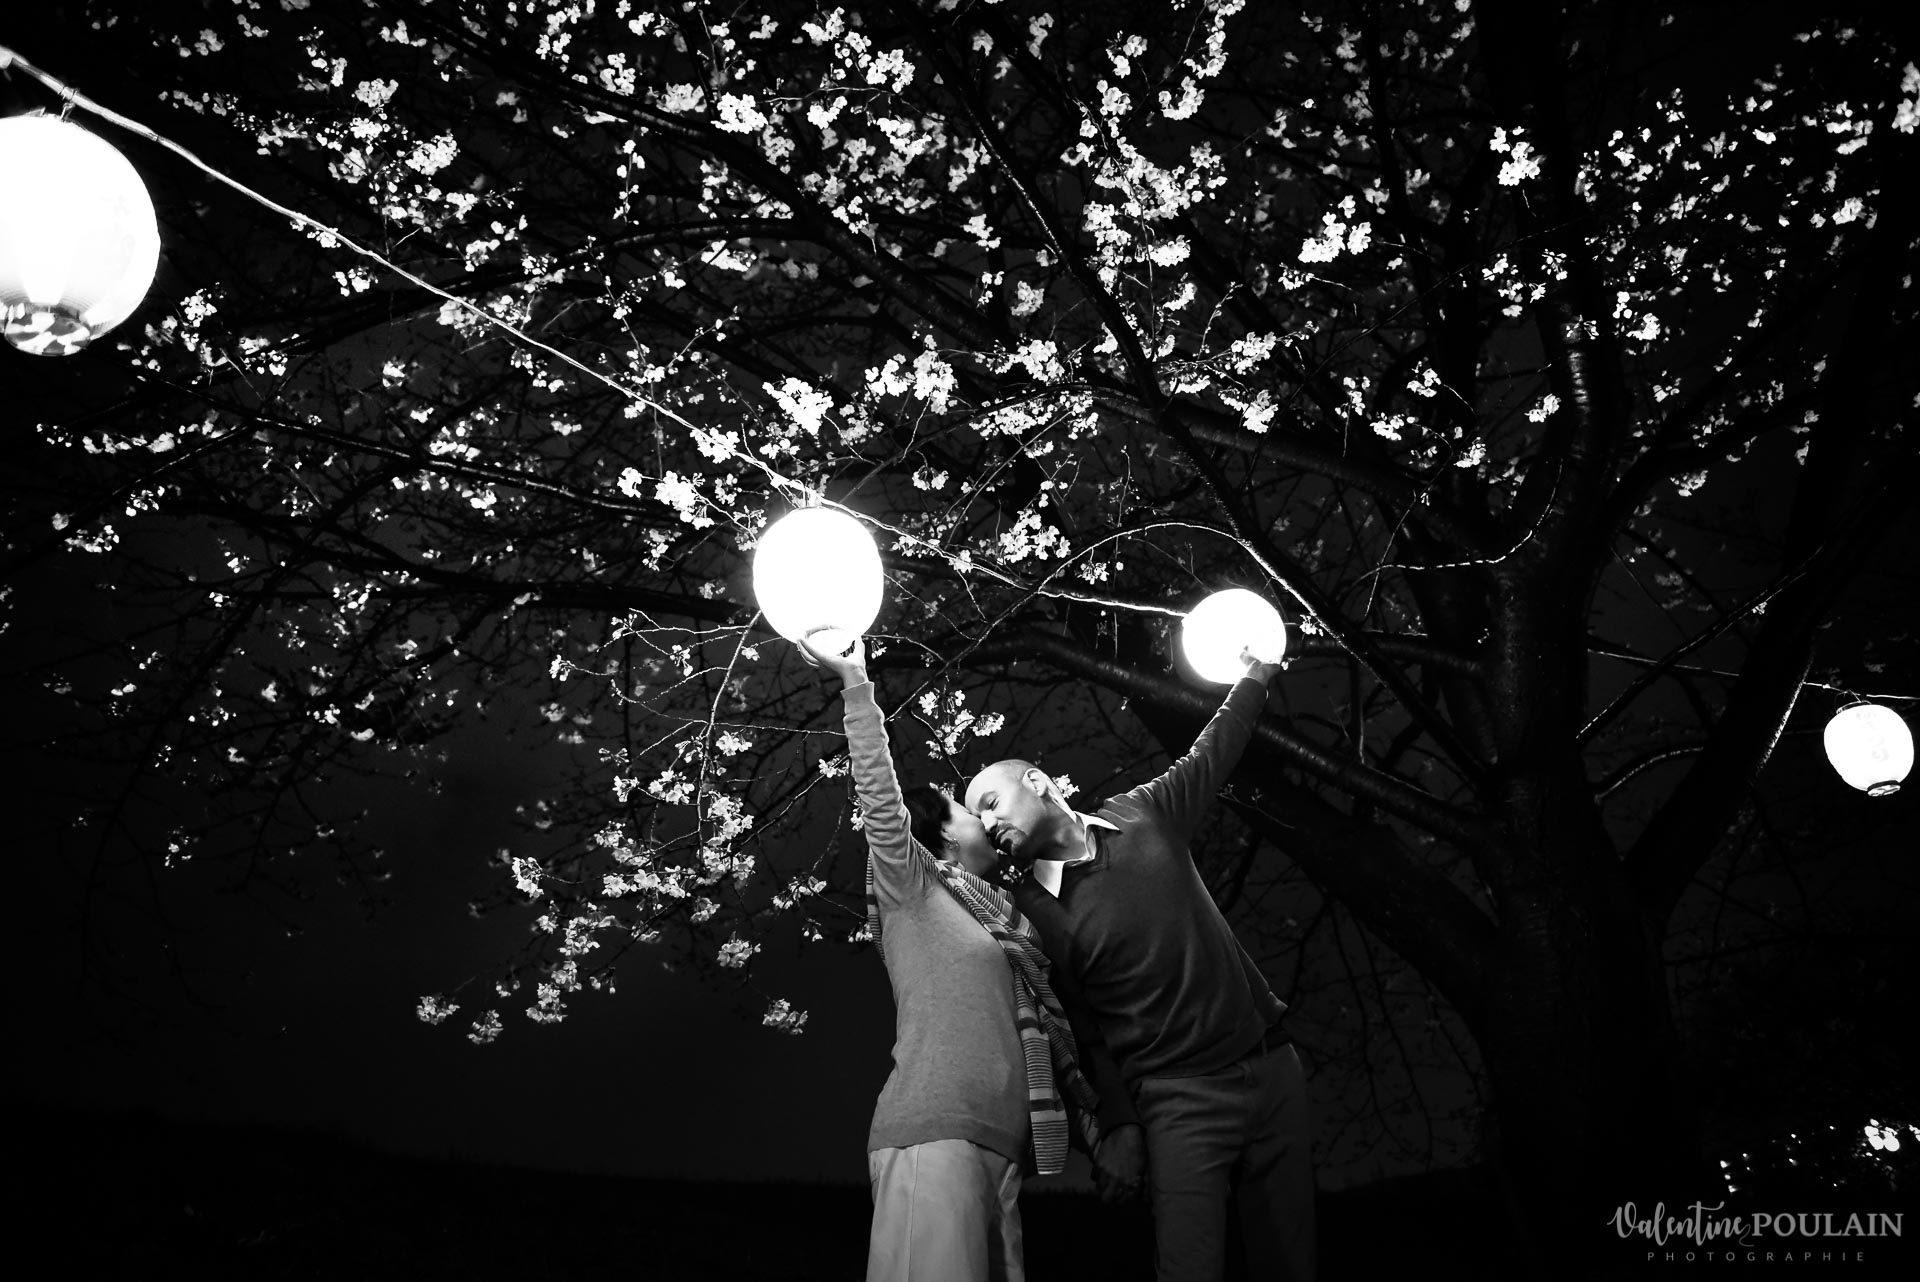 Shooting Couple Kyoto - Valentine Poulain lumière nb